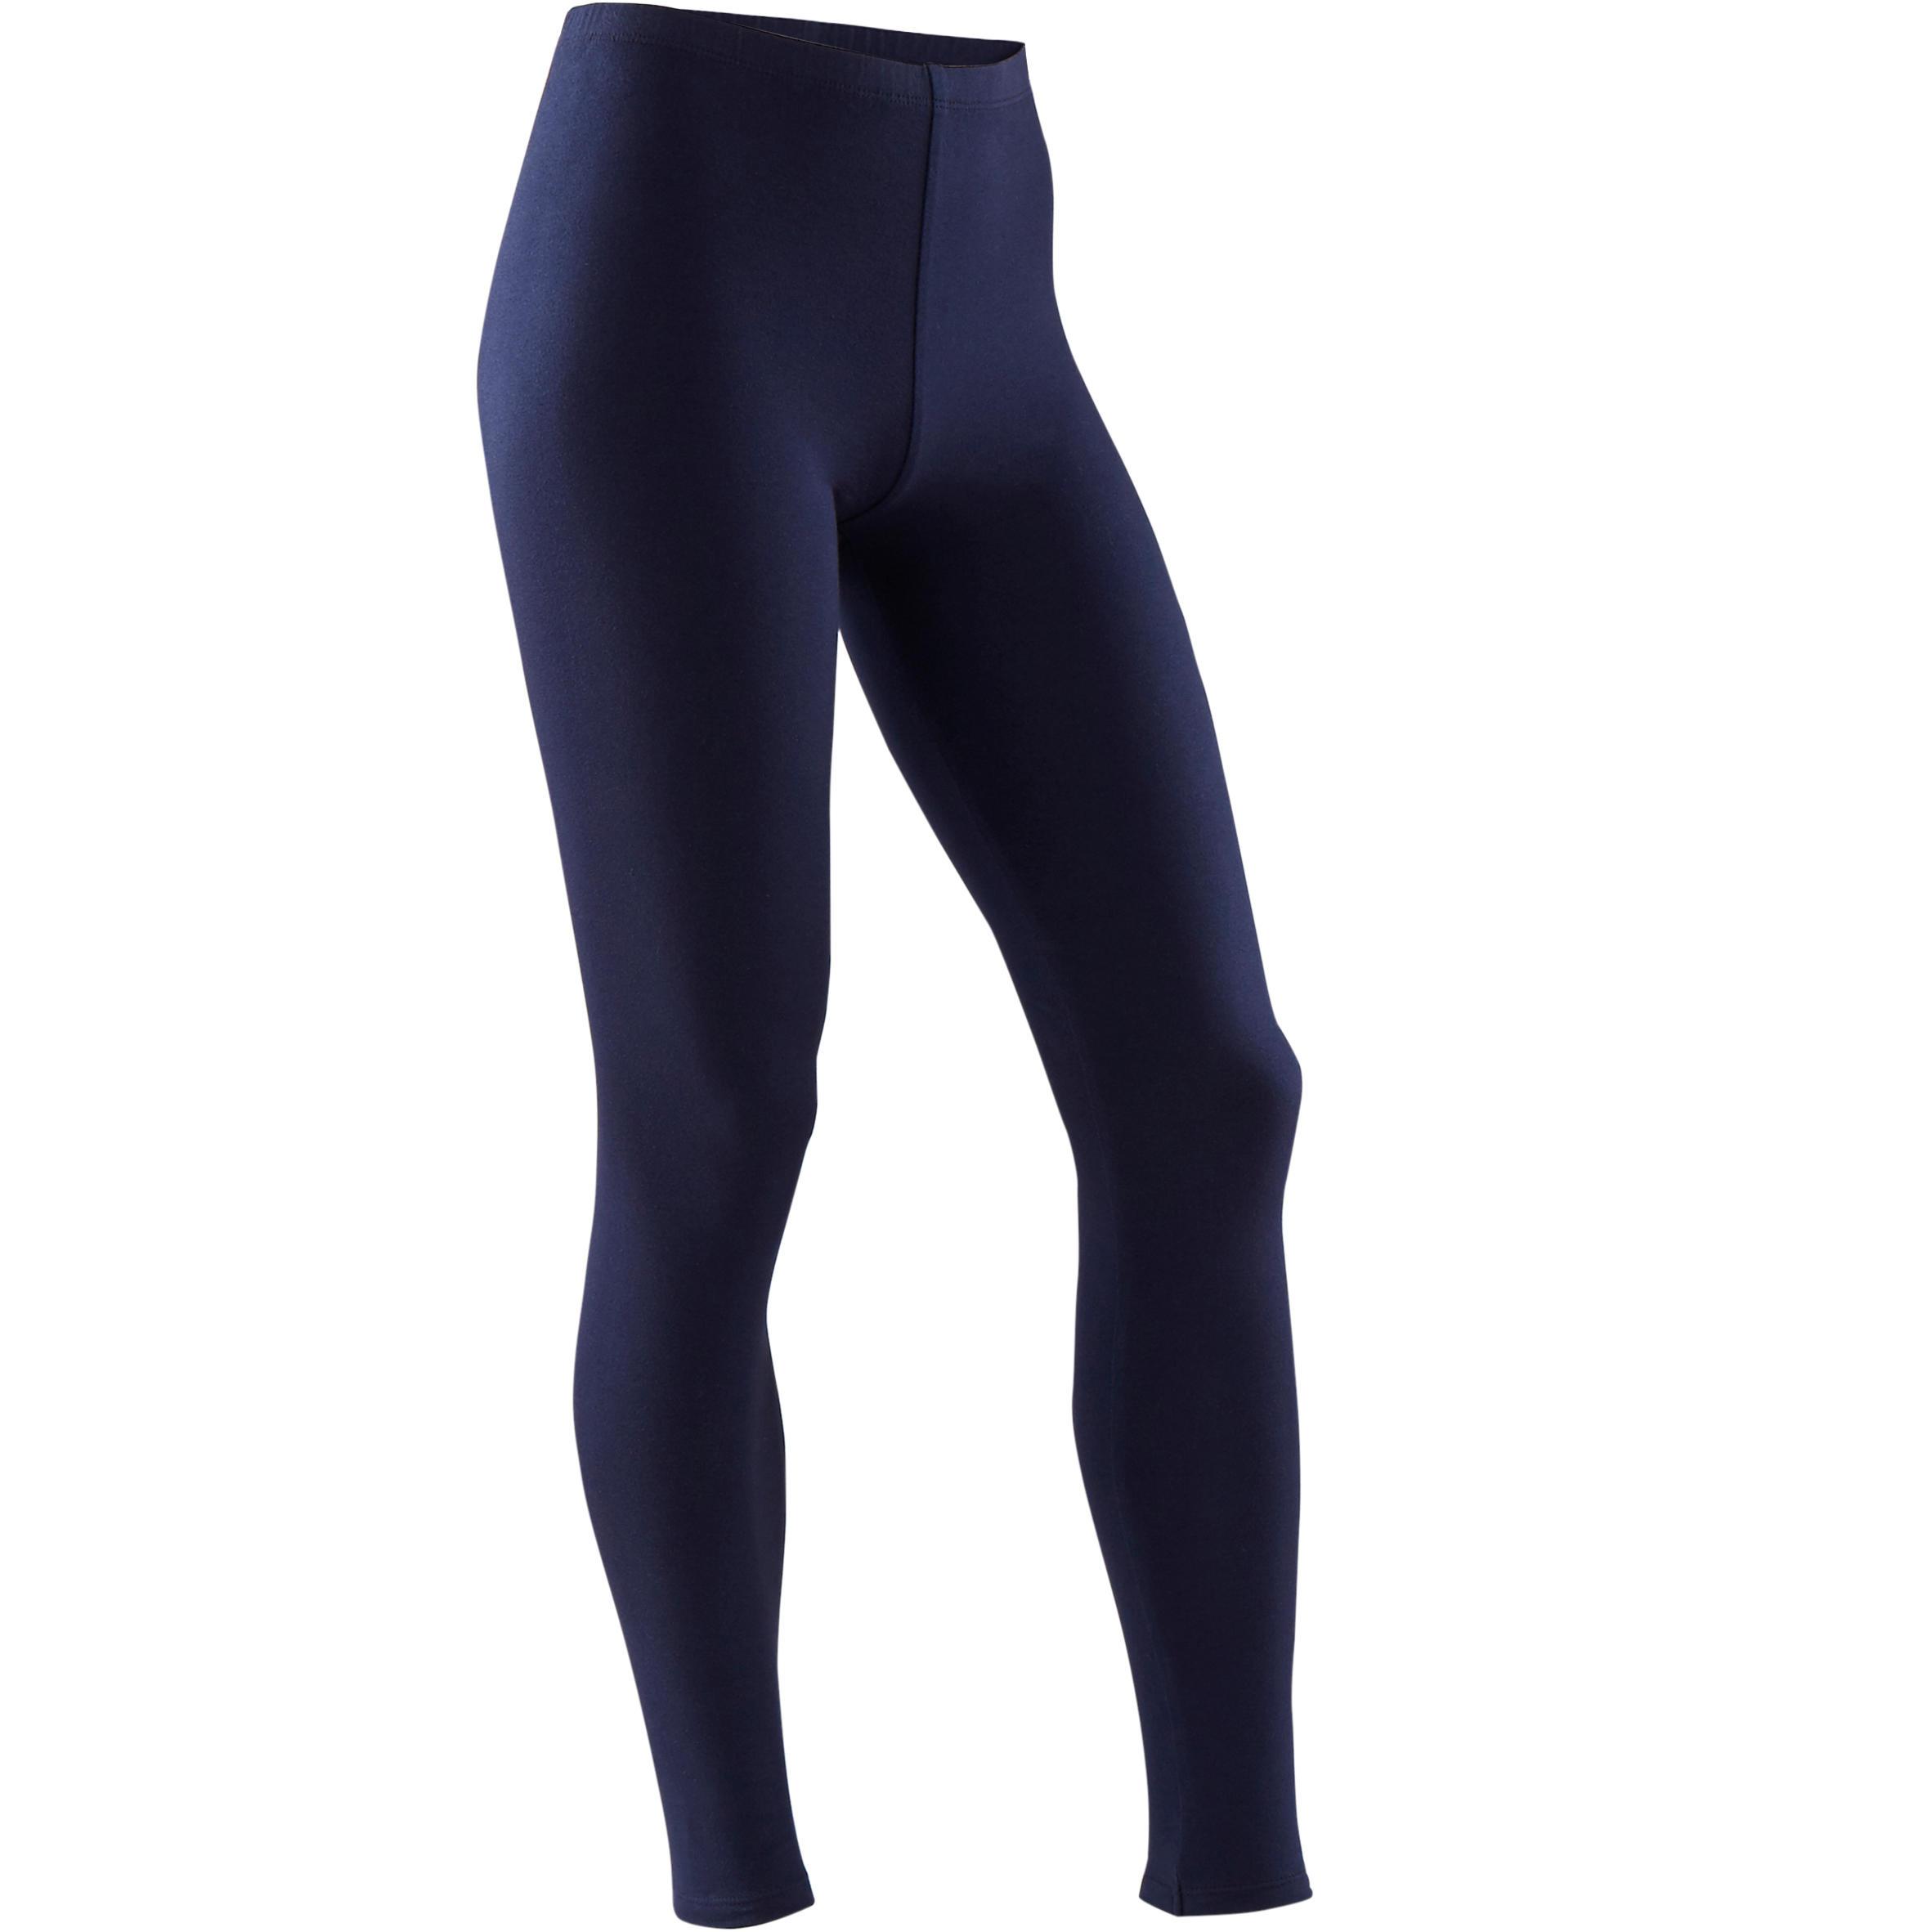 Filles marine noir coton danse fitness sport gym yoga pantalon extensible short